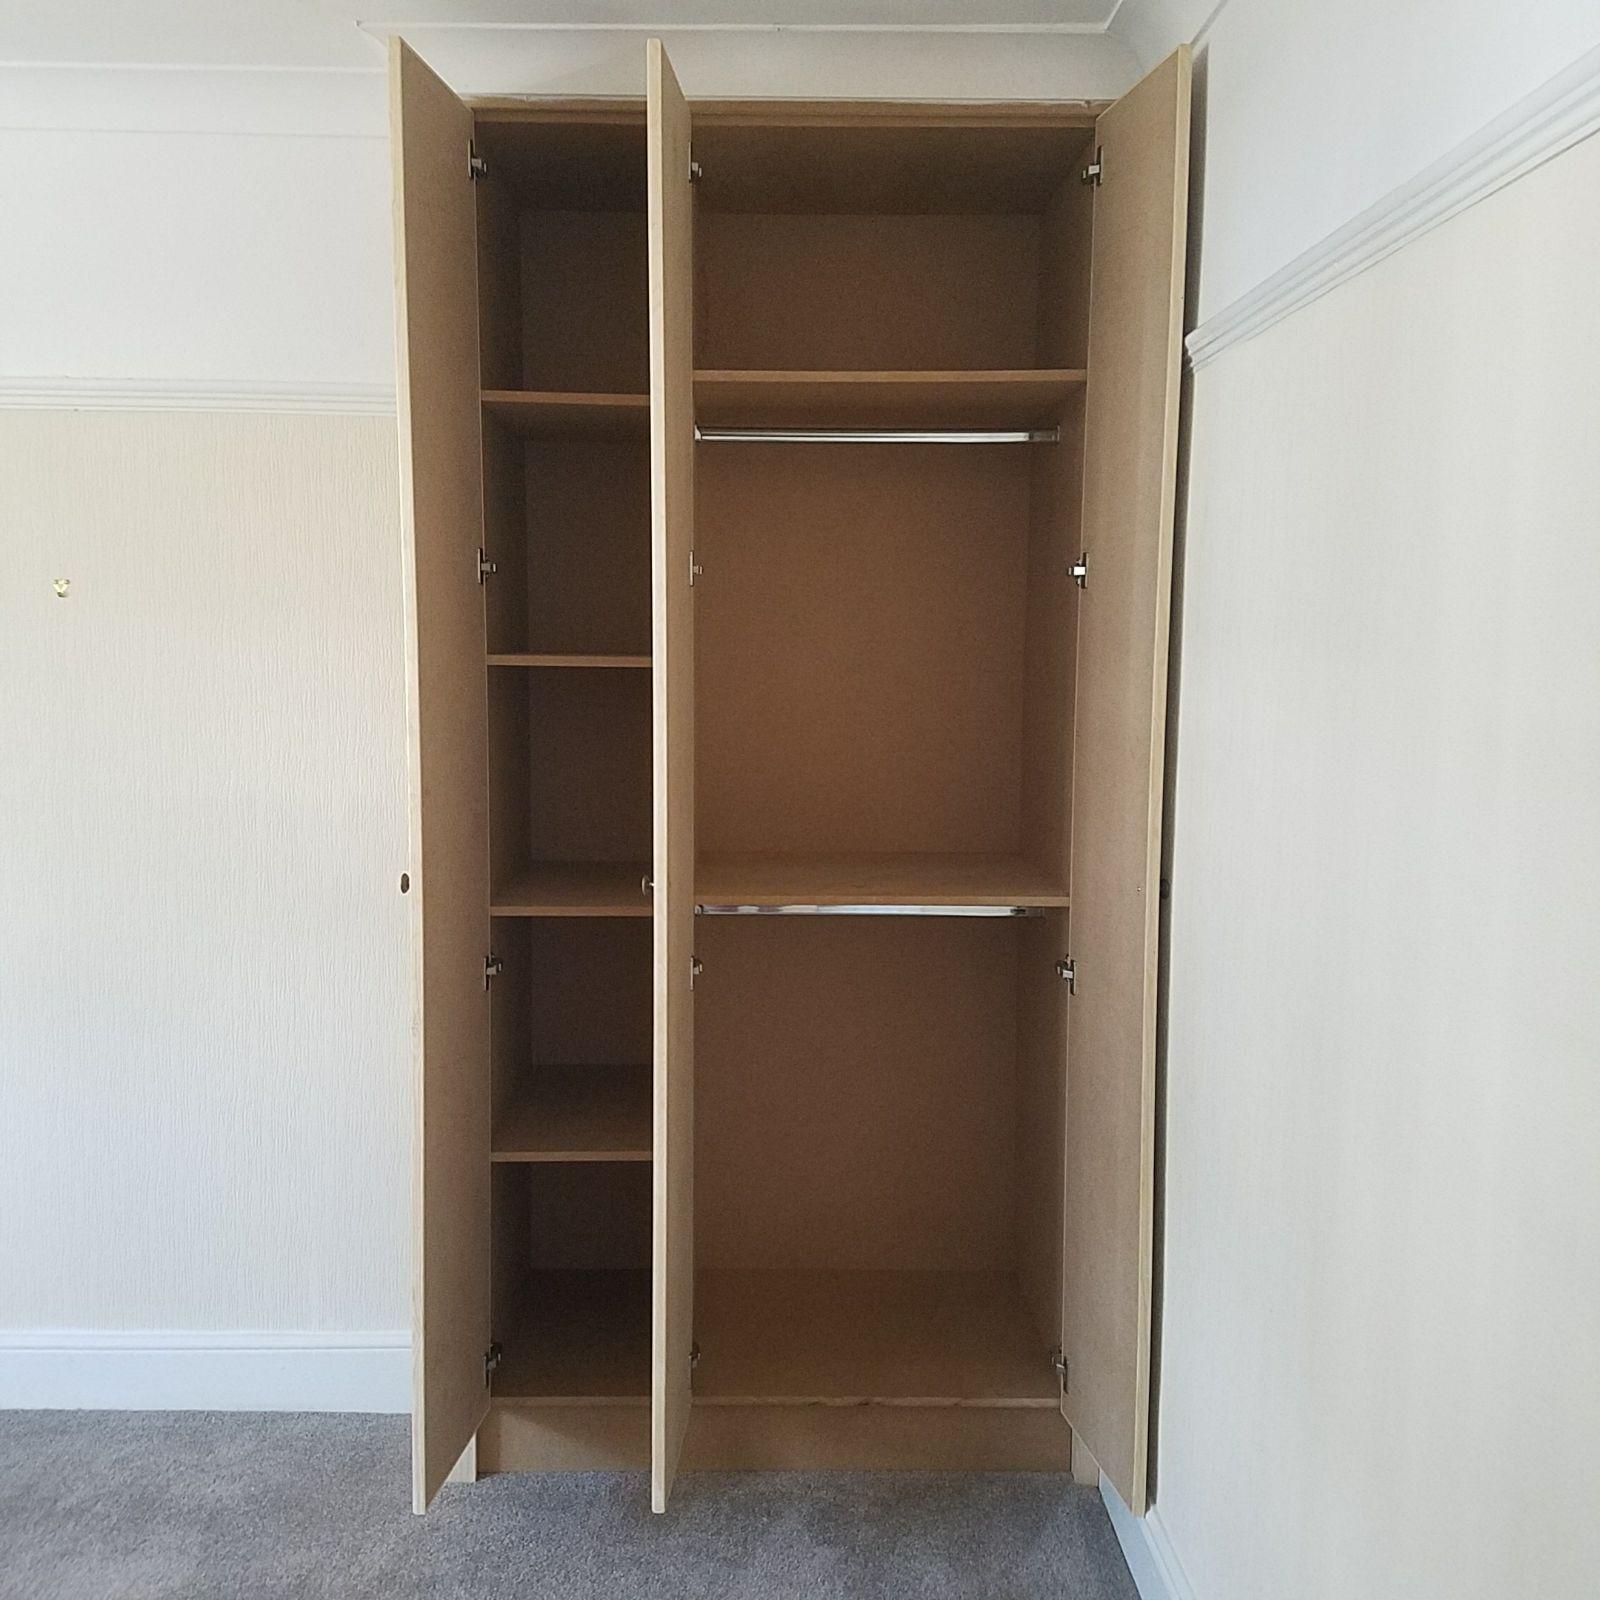 Door Hanging Services in Swansea | Banfield Carpentry